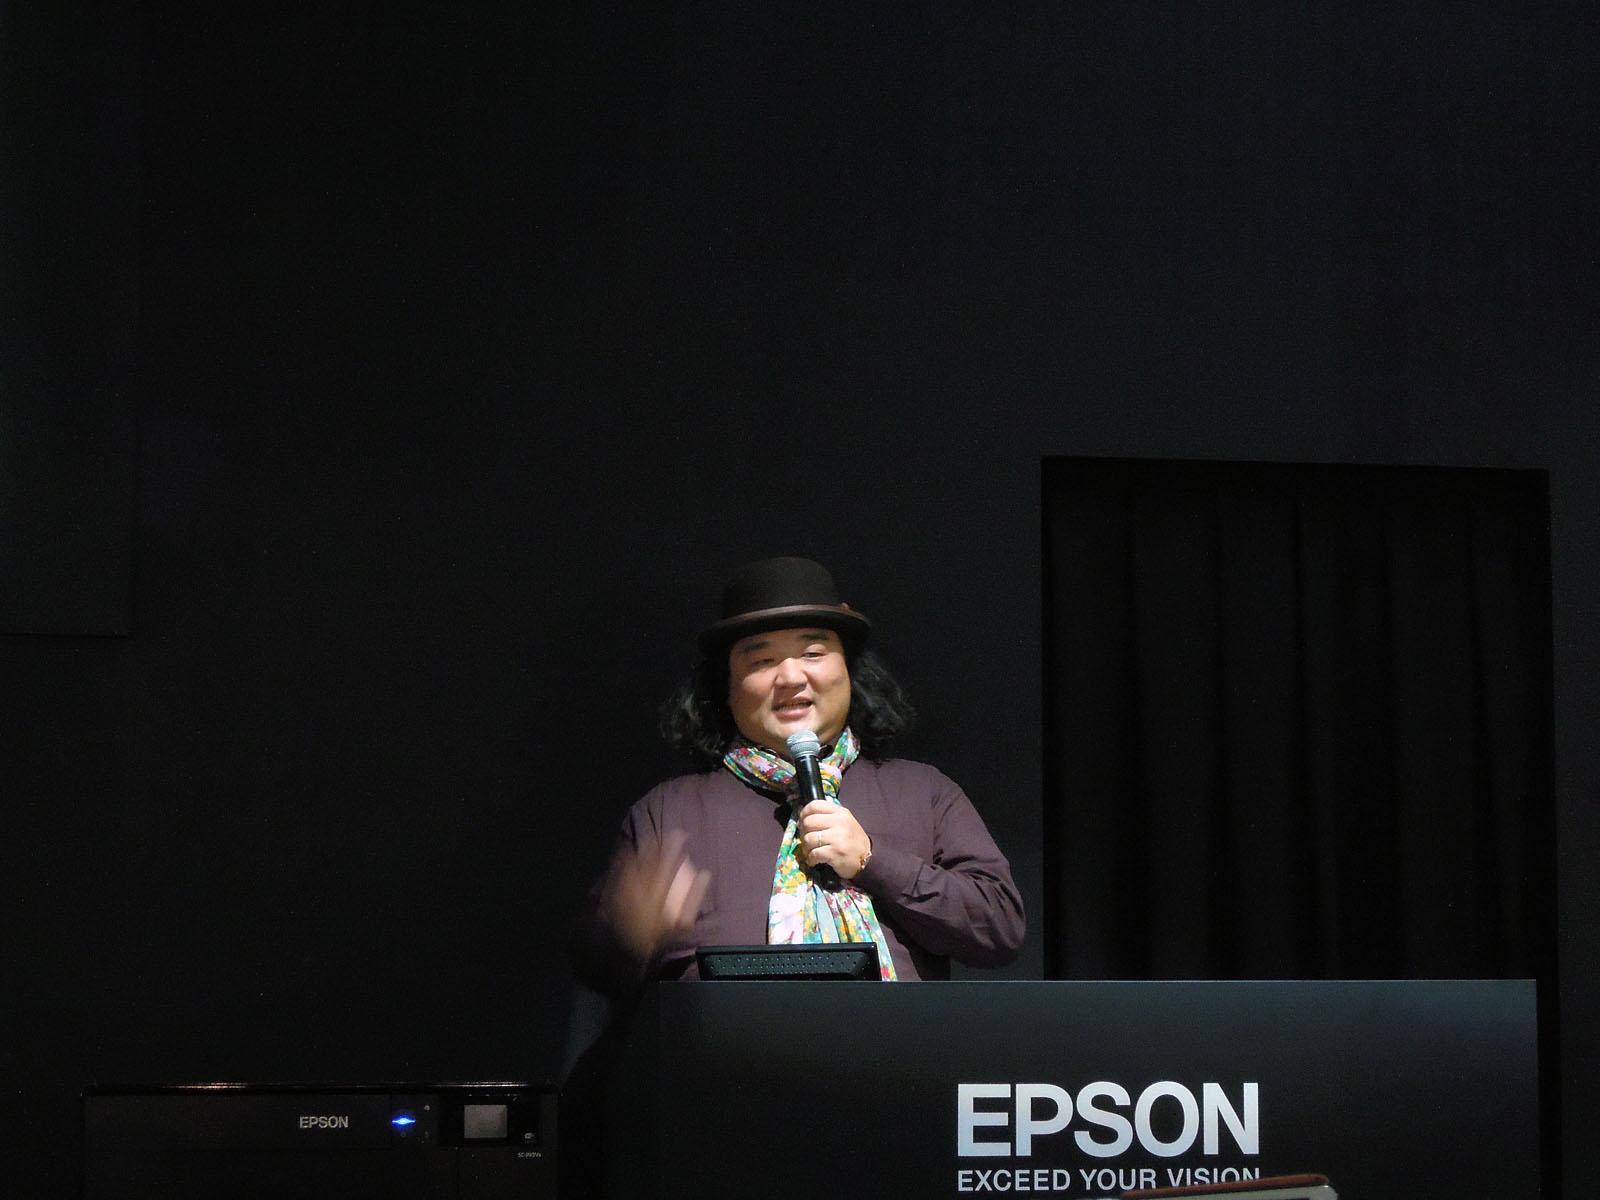 エプソンブース 中井精也氏講演